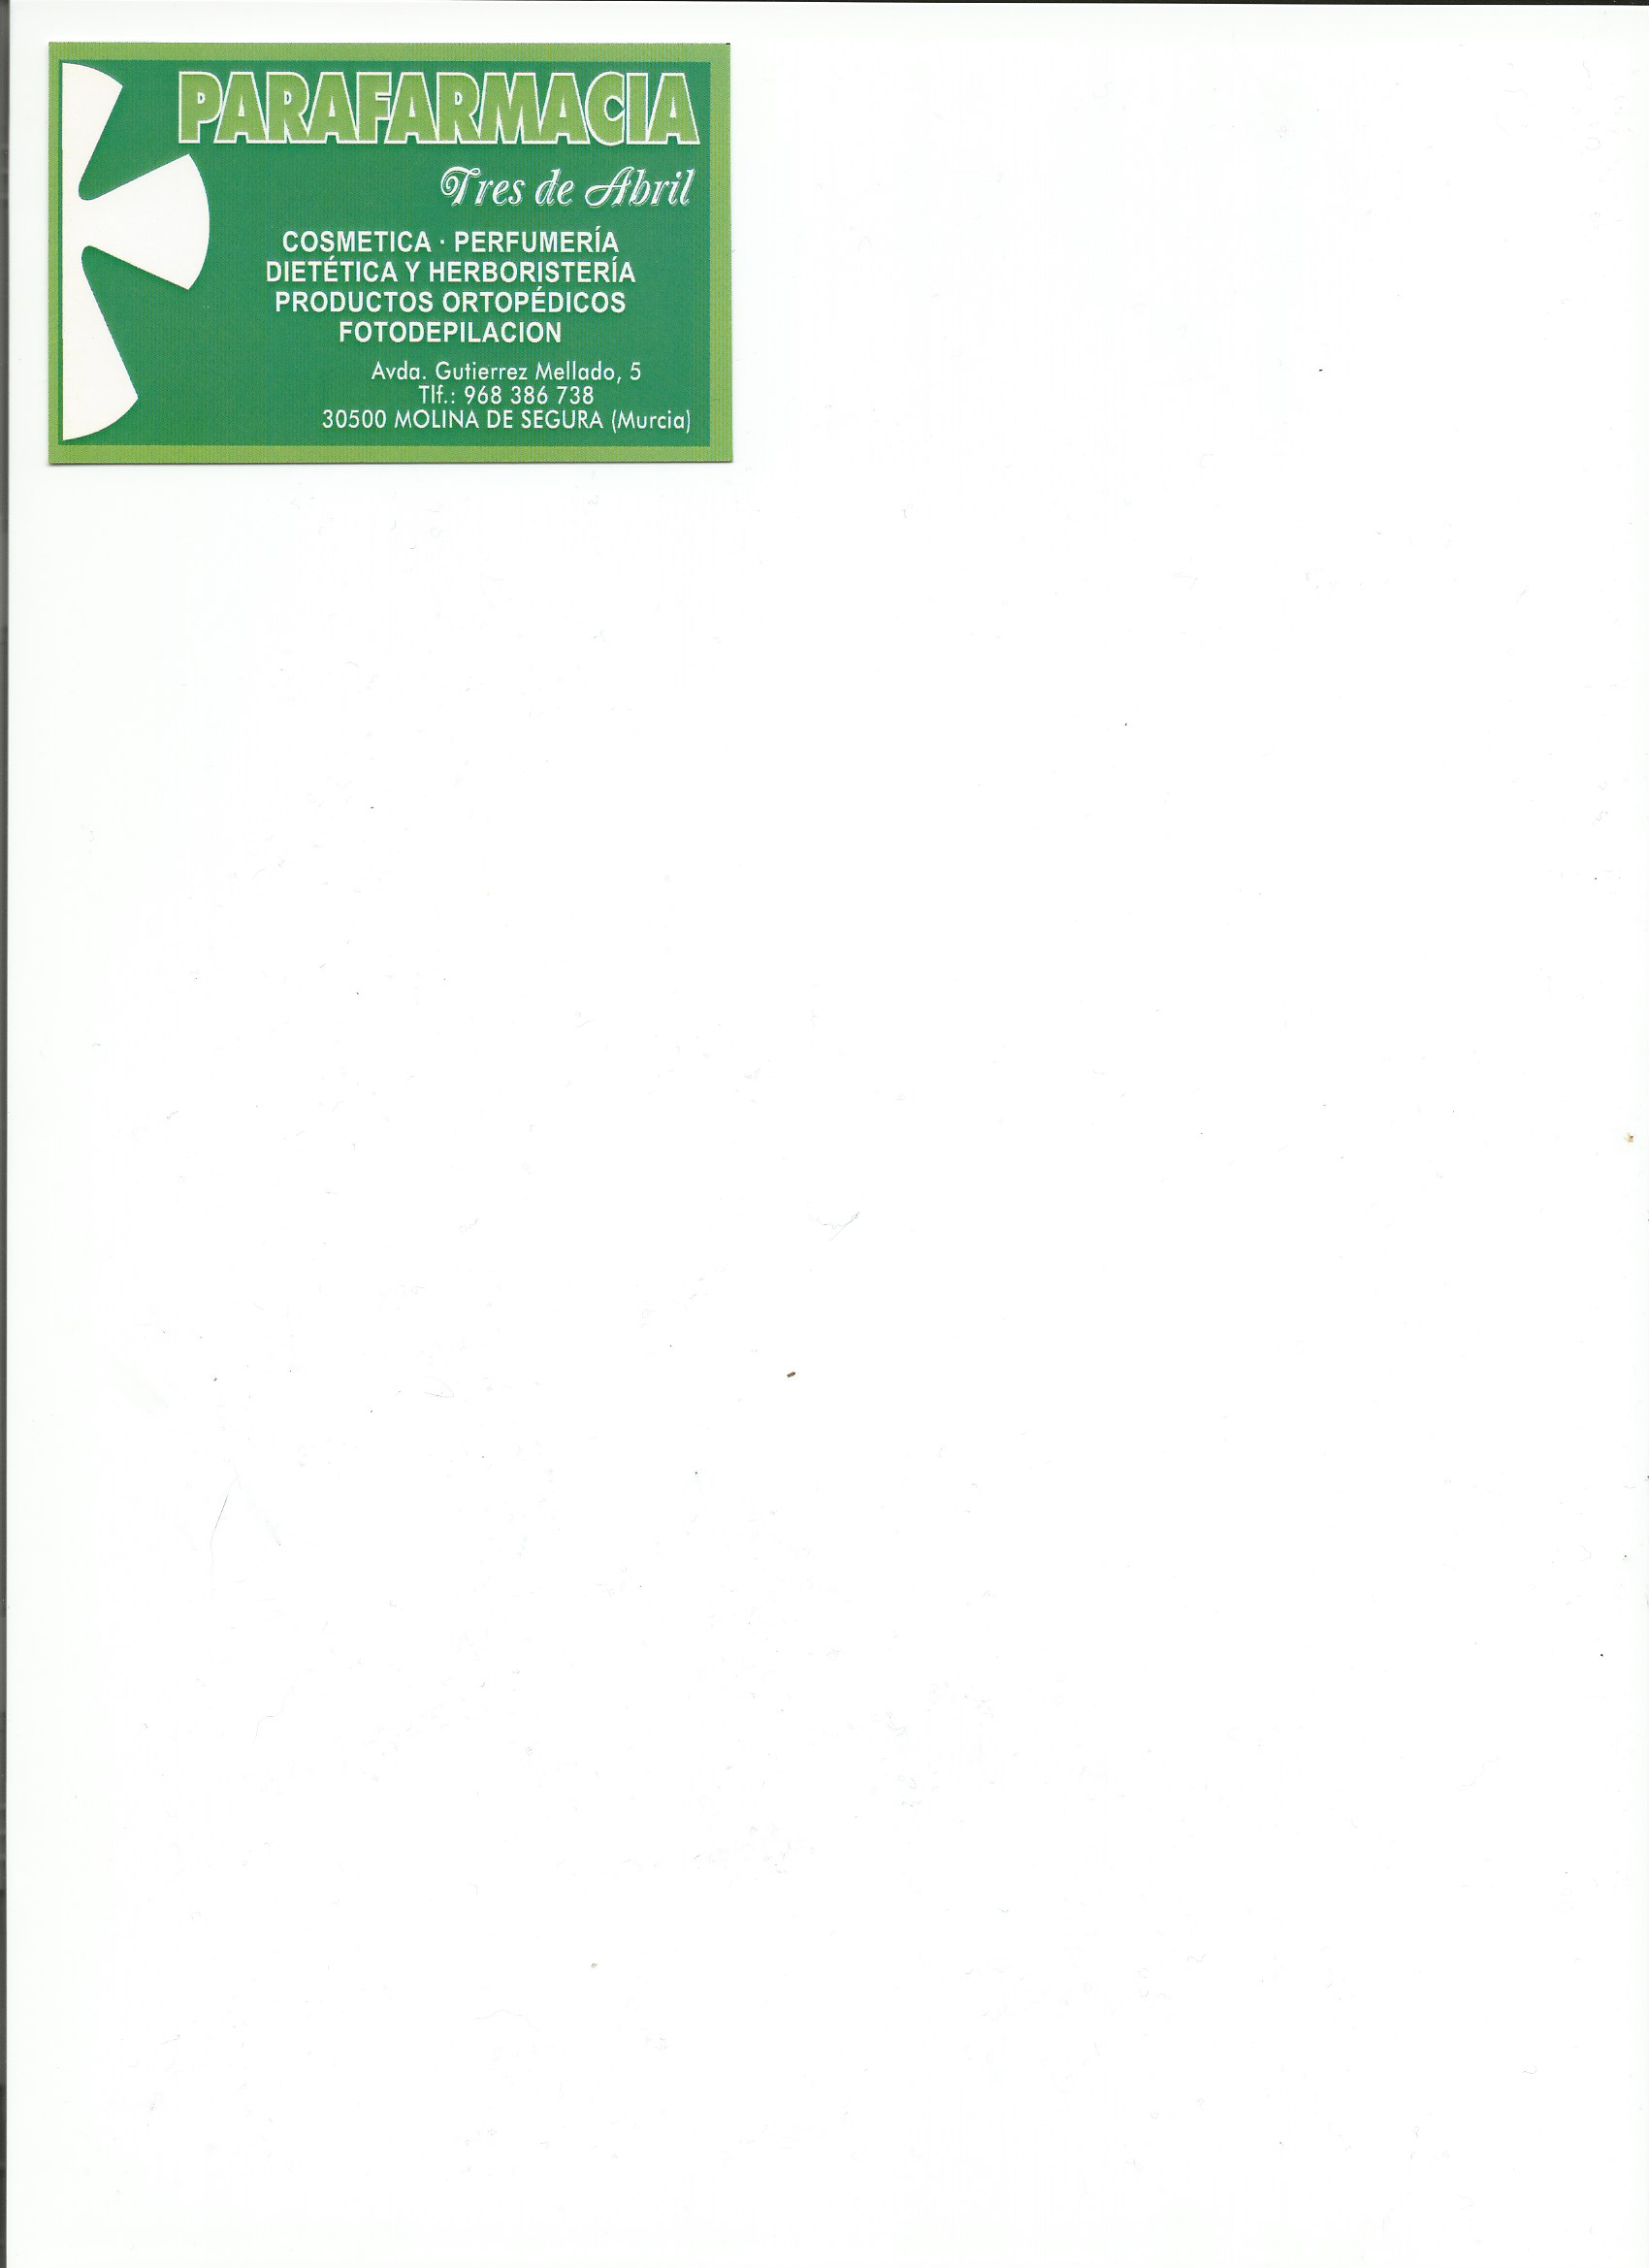 PARAFARMACIA TRES DE ABRIL, C.B.